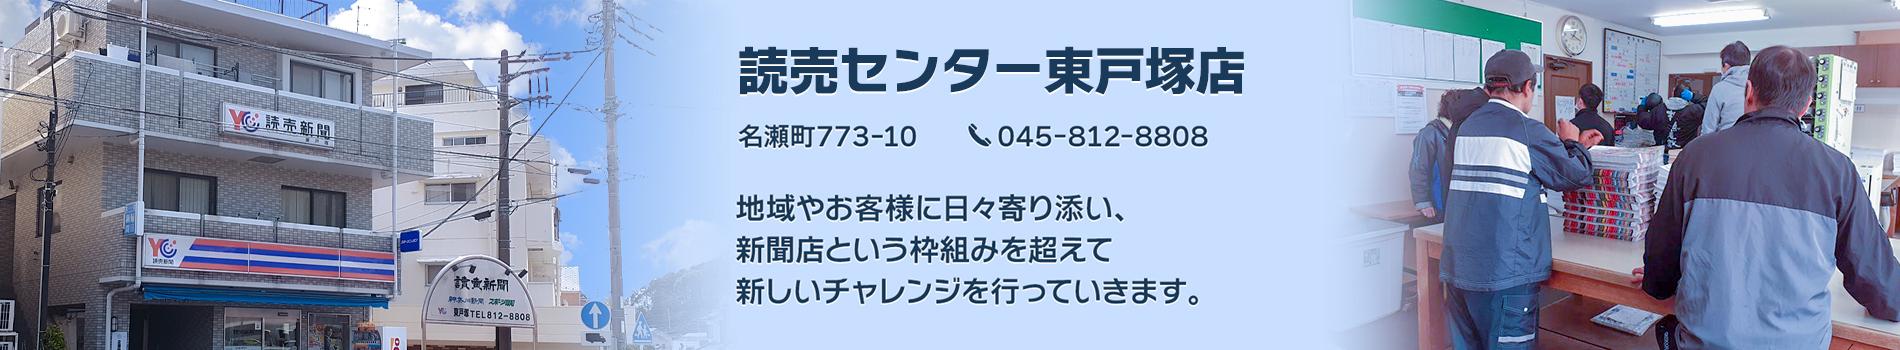 読売センター東戸塚店